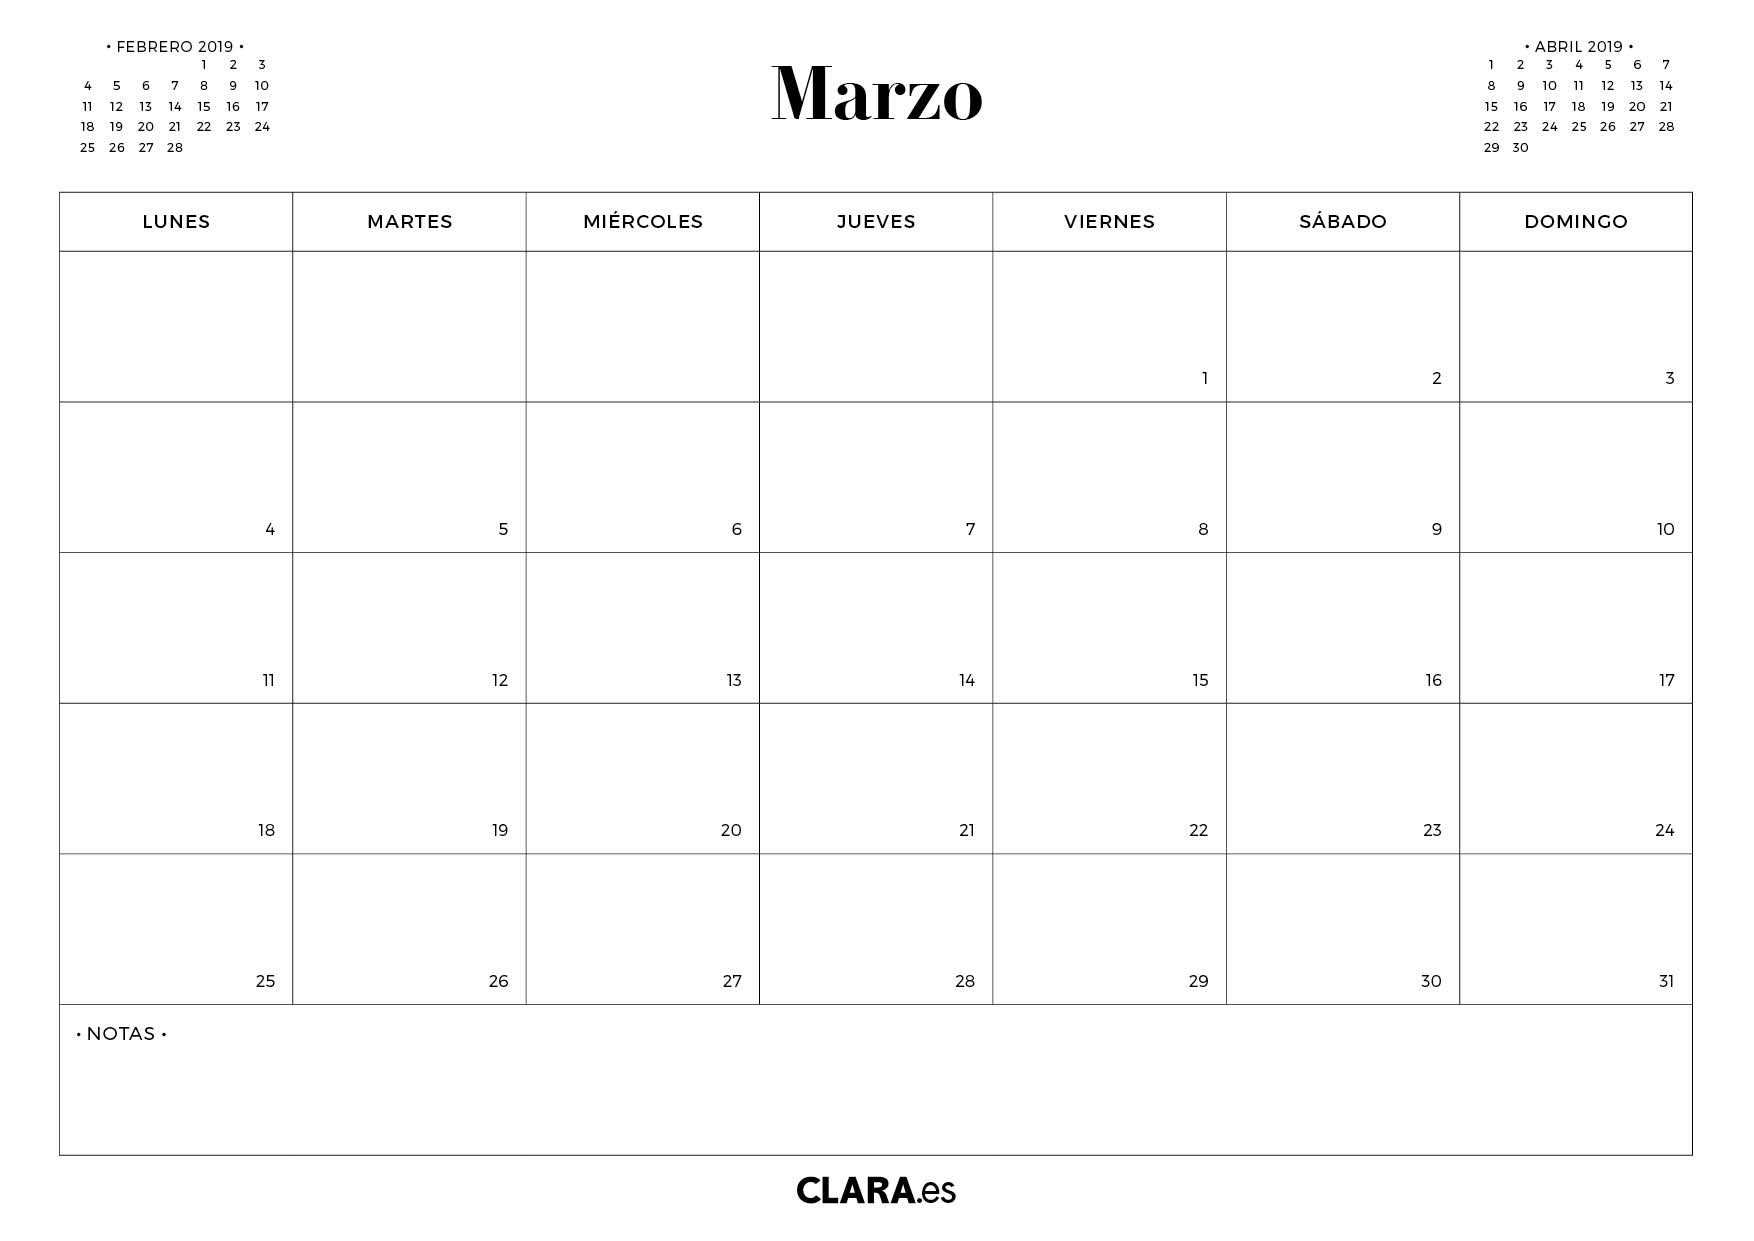 Calendario Numeros Grandes Septiembre 2019.Calendario 2019 Para Imprimir Gratis En Pdf Y Jpg